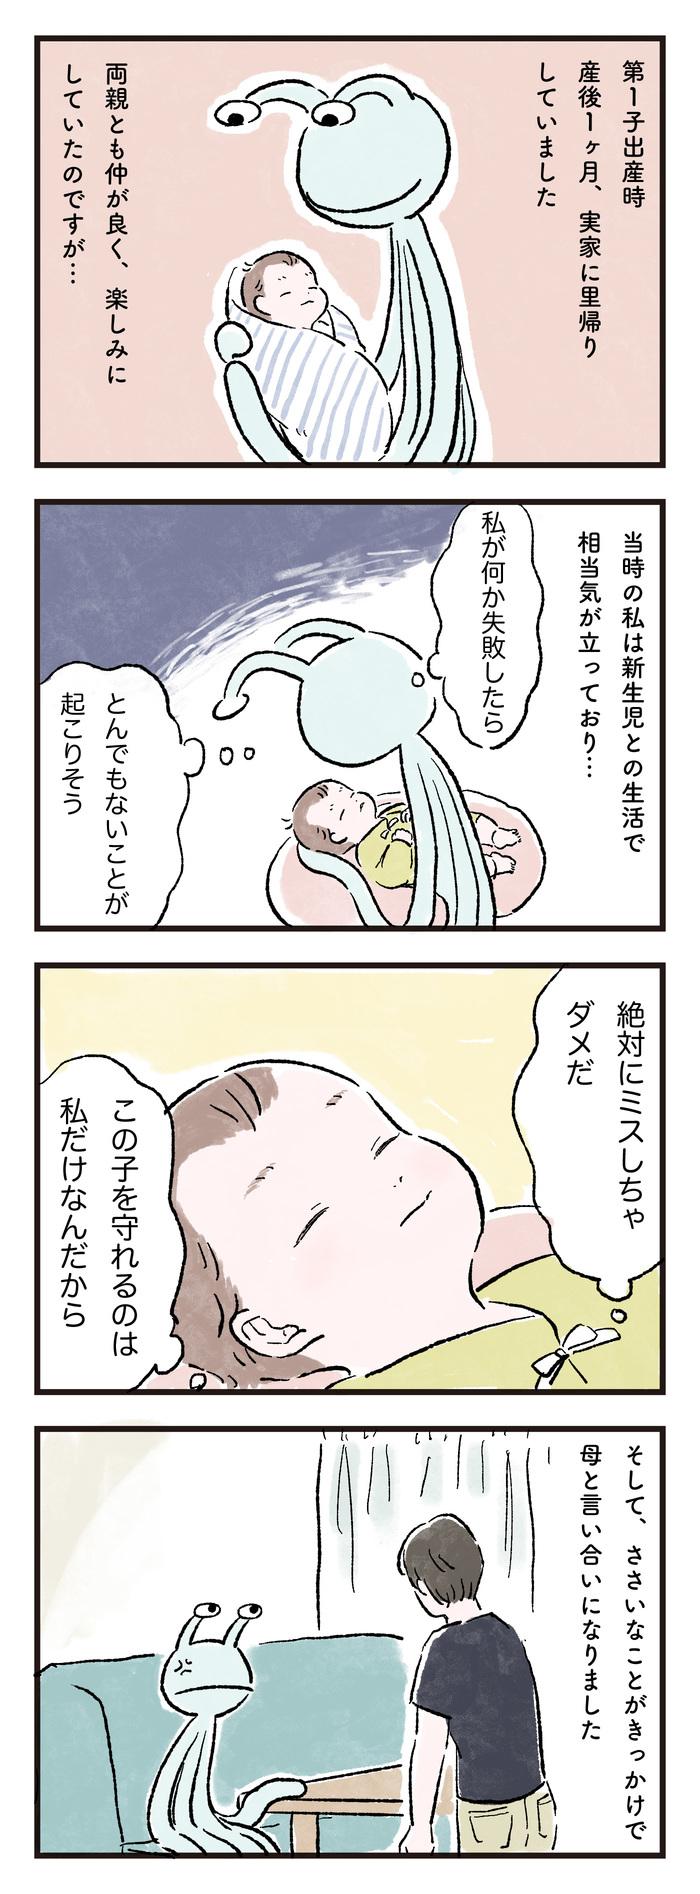 産後って、こんなに情緒不安定になるんだ…。里帰り中の想定外だったことの画像1